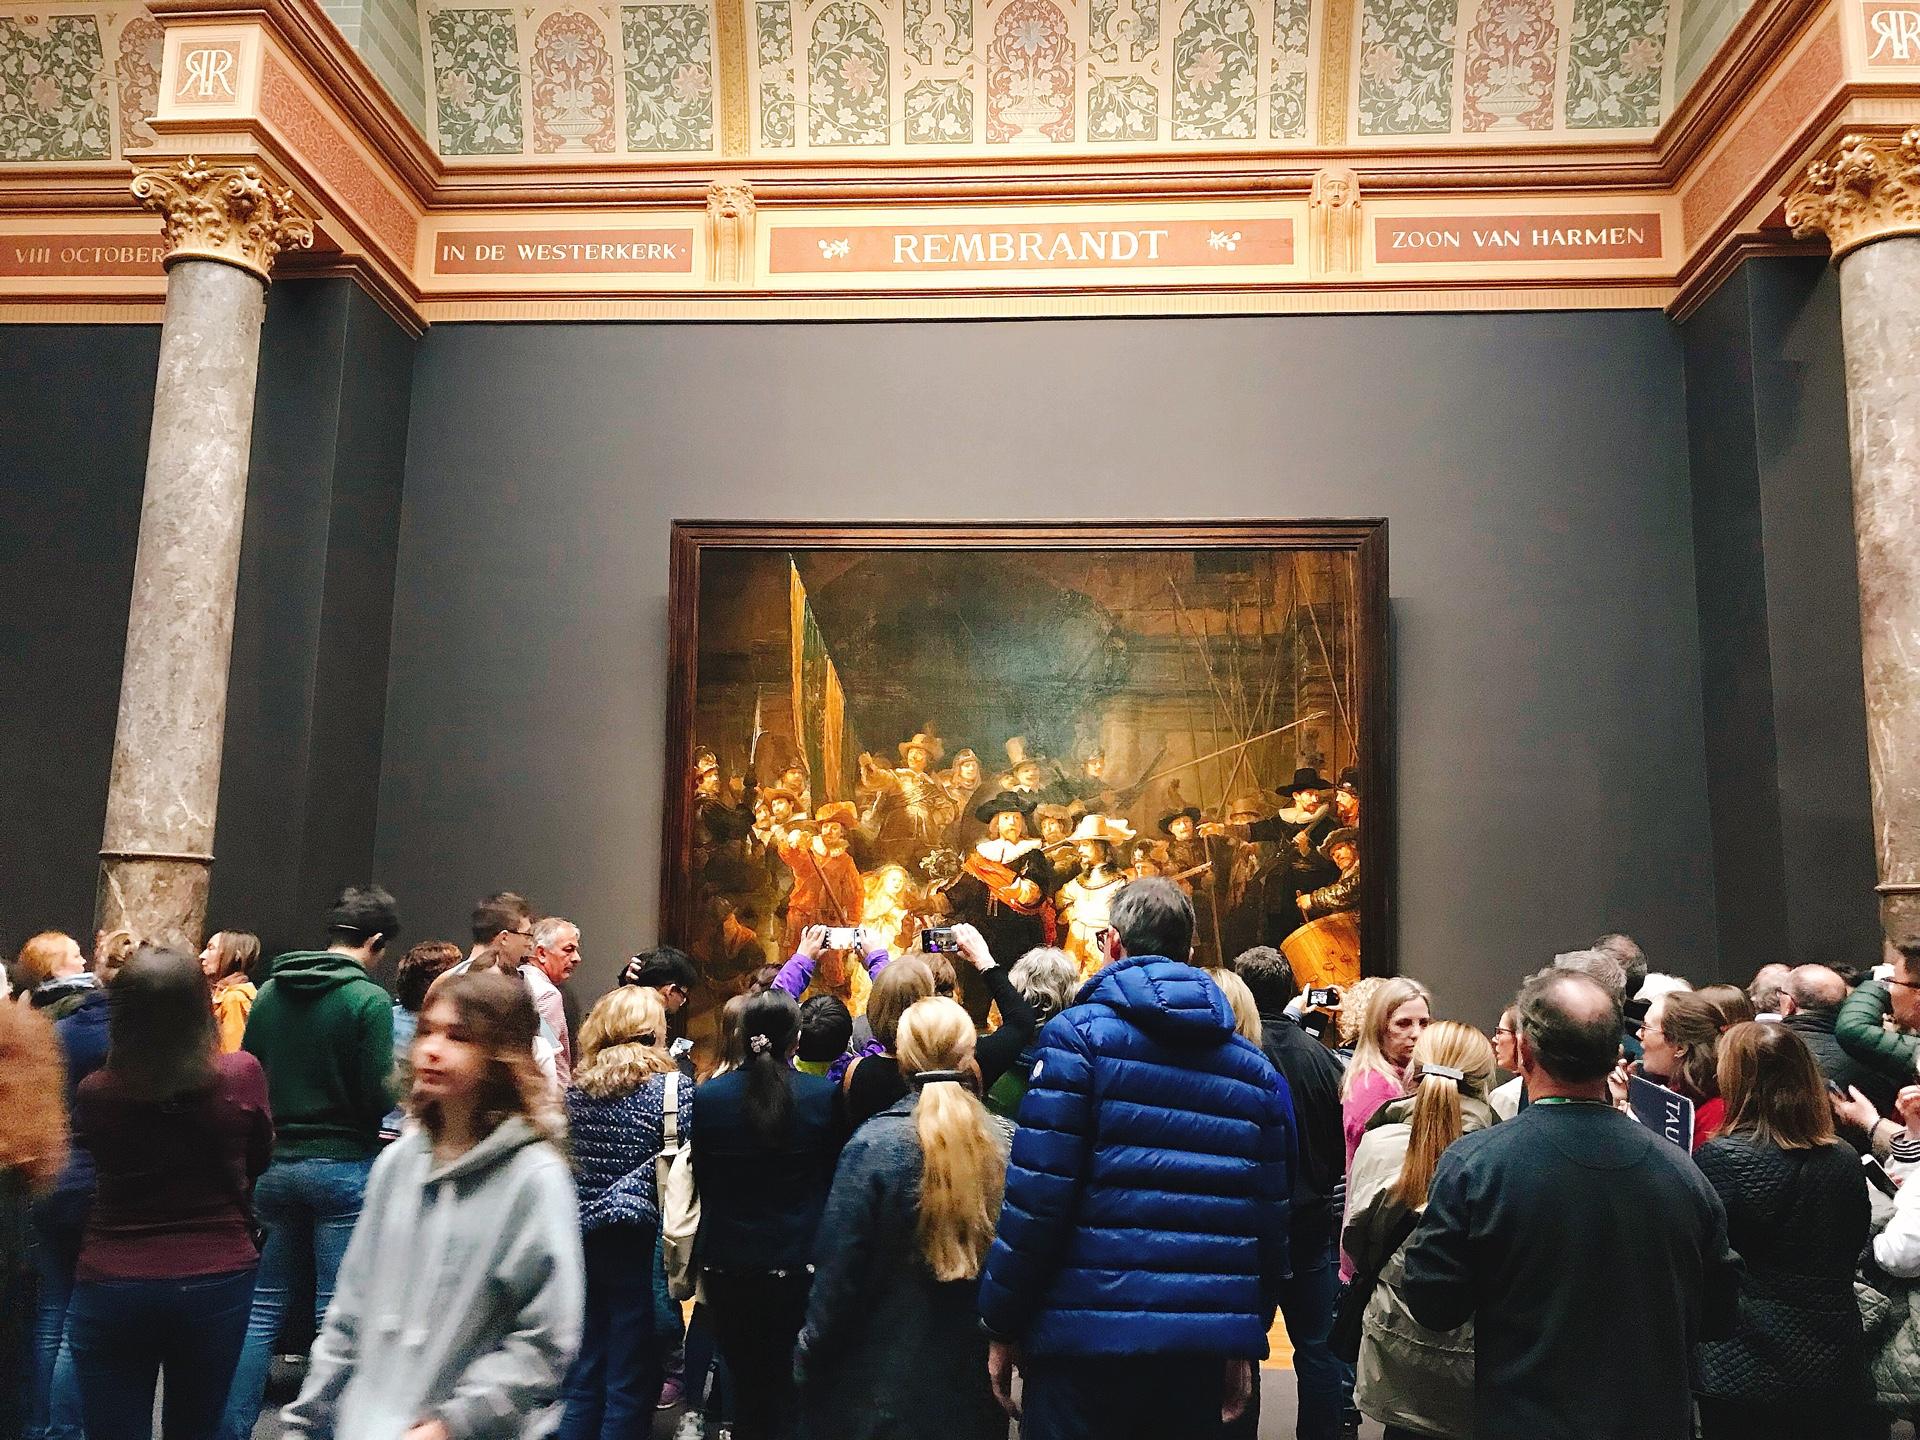 オランダ アムステルダム アムステルダム国立美術館内